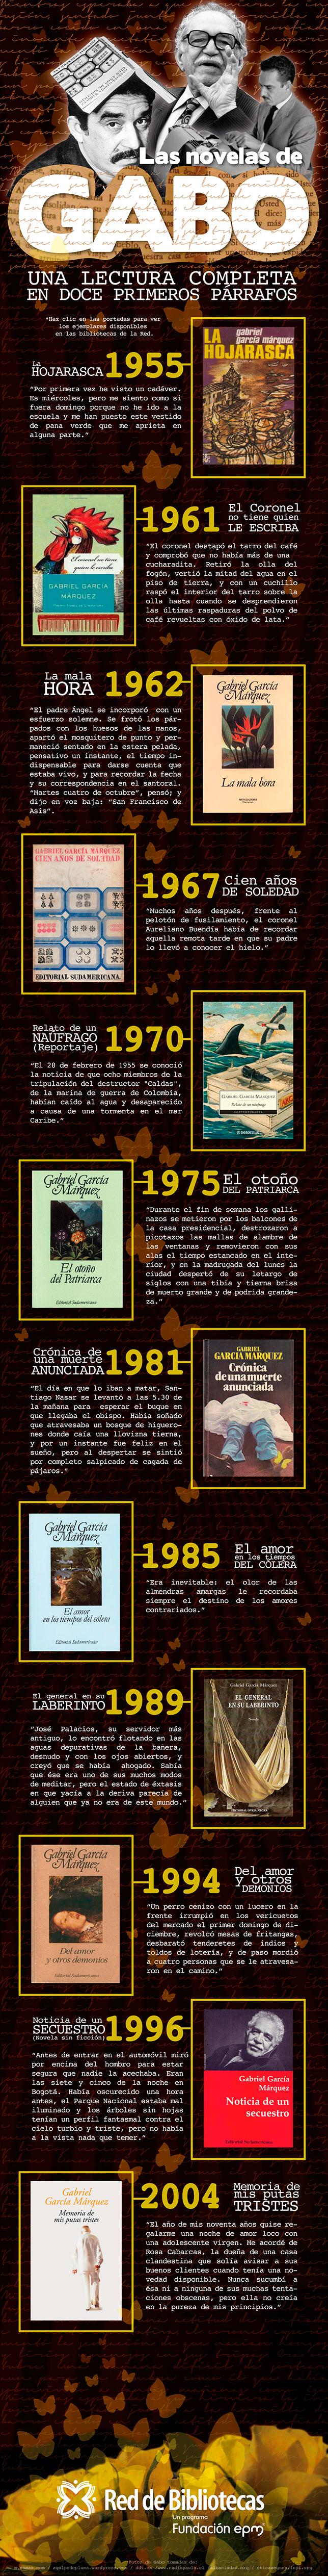 infografia_novelas_garcia_marquez